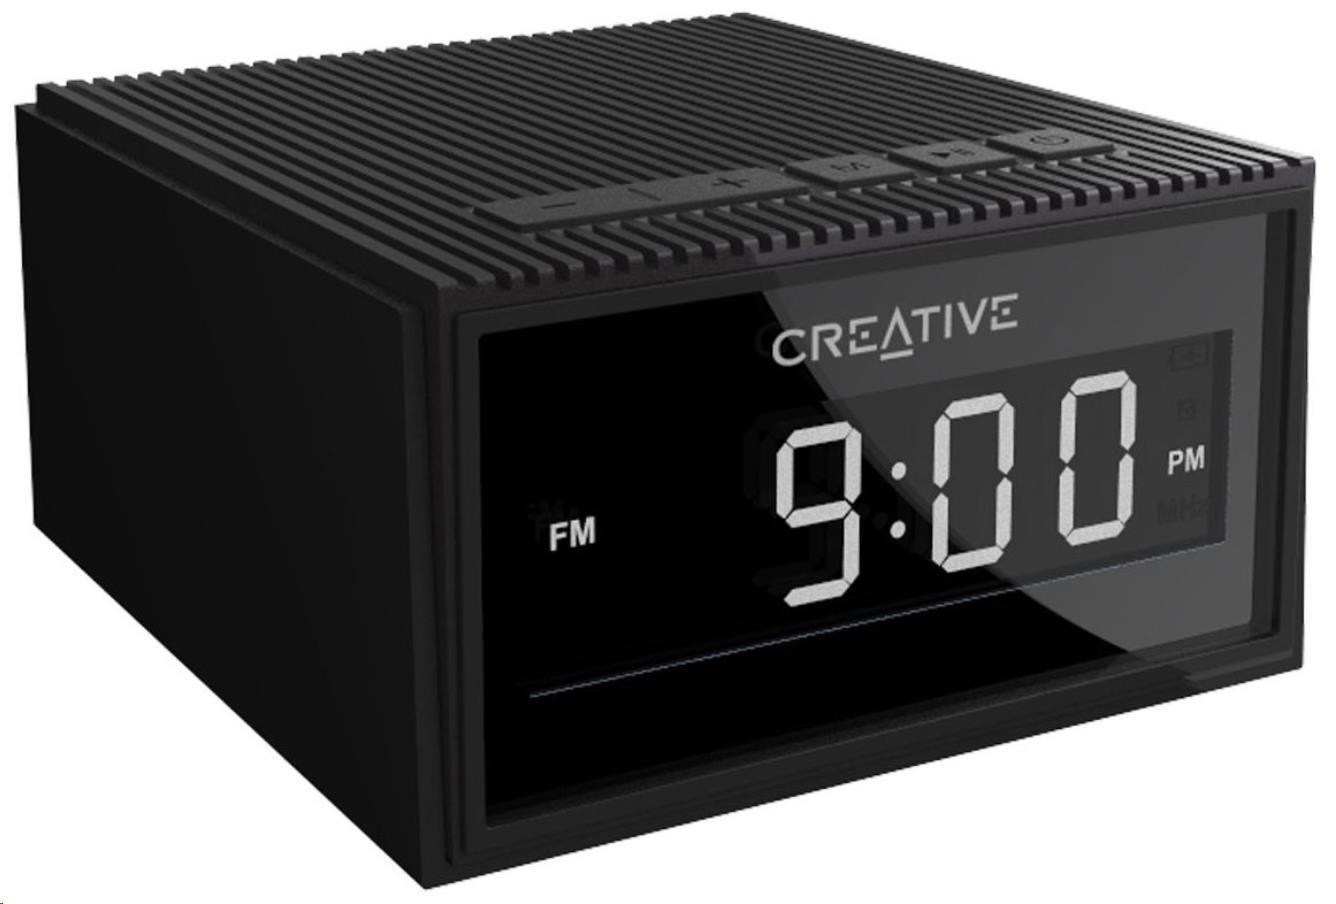 Creative Chrono bezdrátový přenosný reproduktor s budíkem a rádiem - černý